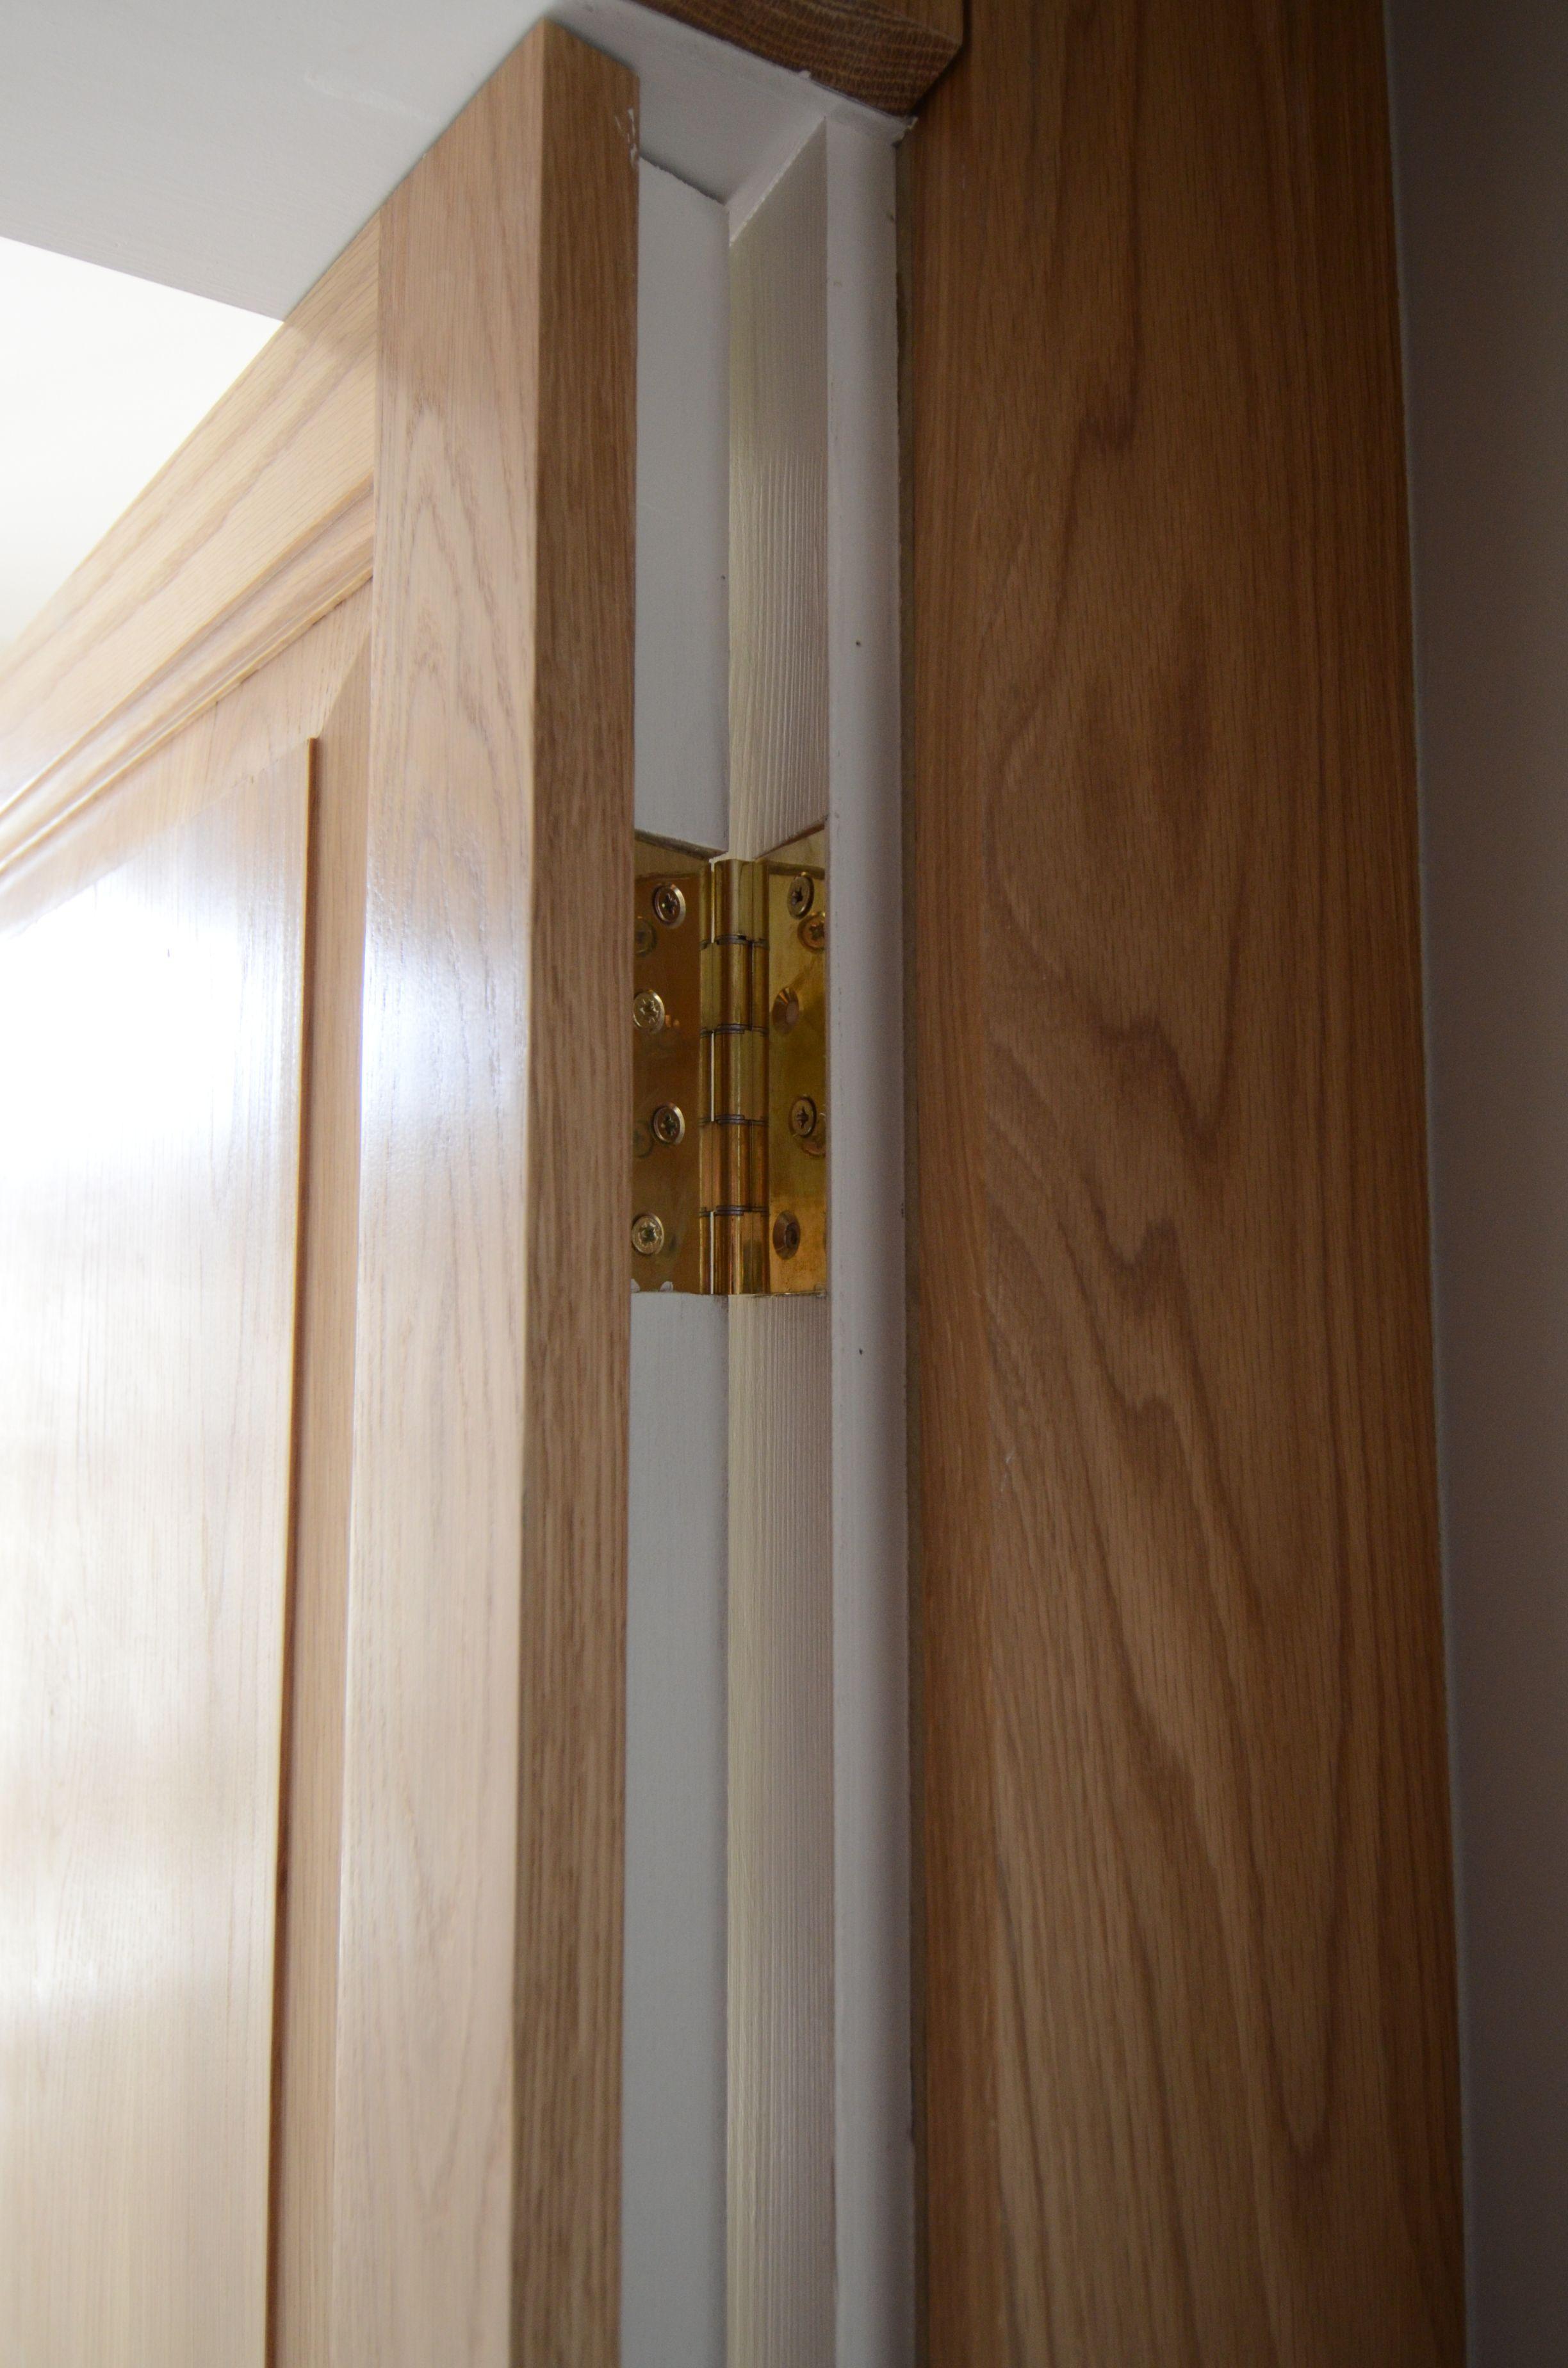 Hinge Detail On Oak Jib Door